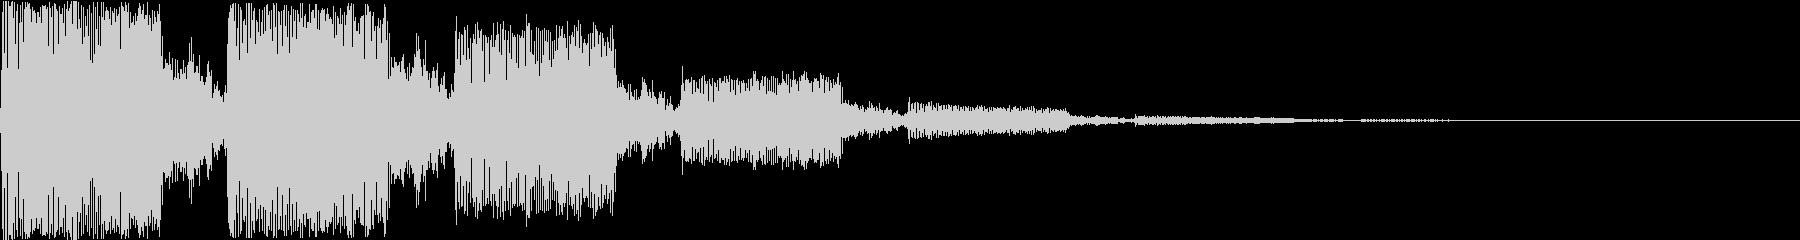 キュイーン:レトロなワープ音・瞬間移動dの未再生の波形